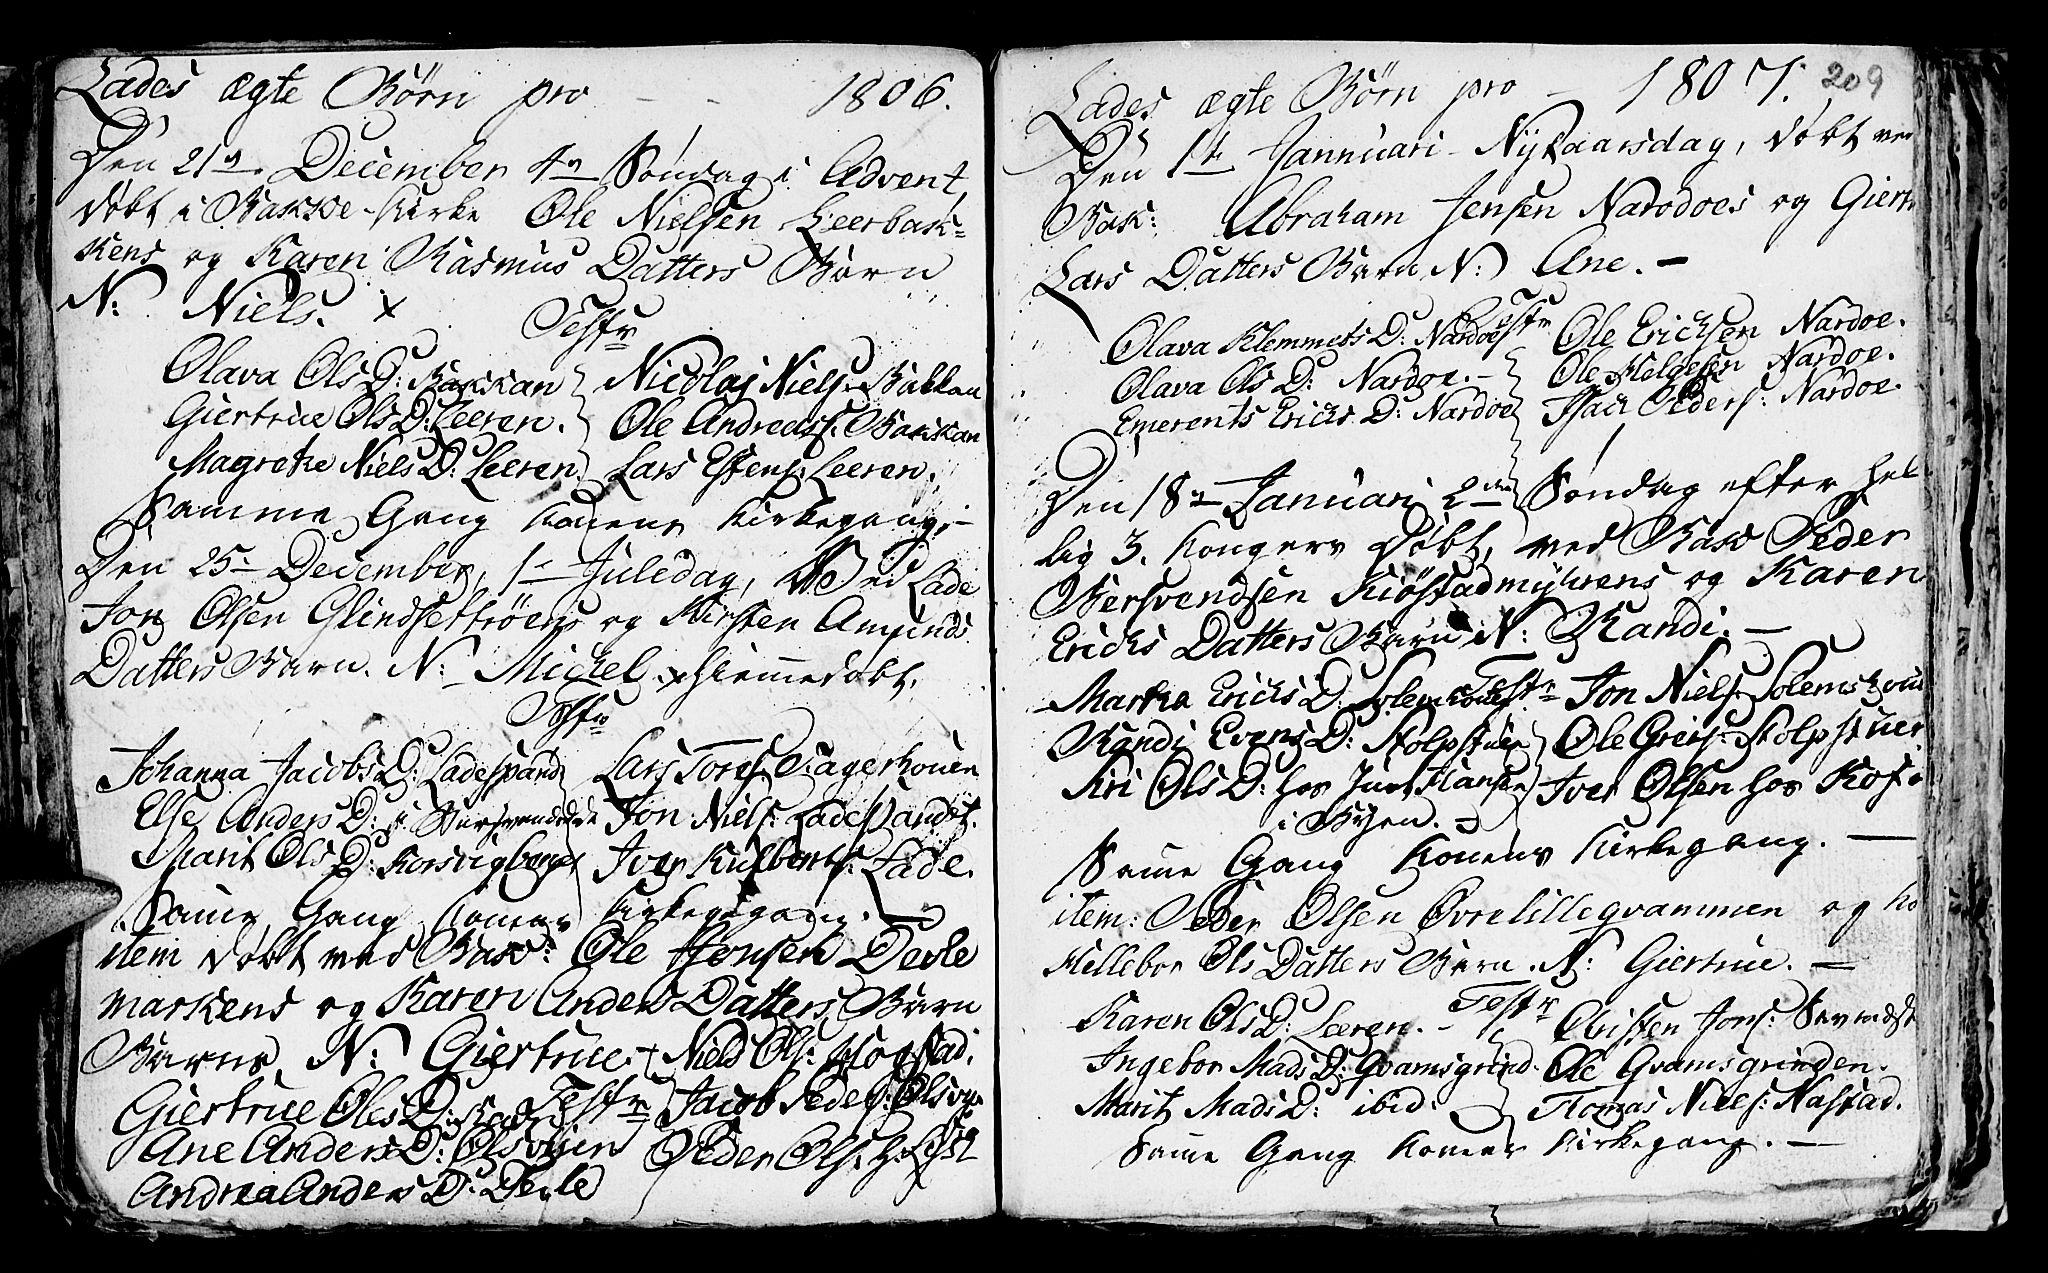 SAT, Ministerialprotokoller, klokkerbøker og fødselsregistre - Sør-Trøndelag, 606/L0305: Klokkerbok nr. 606C01, 1757-1819, s. 209